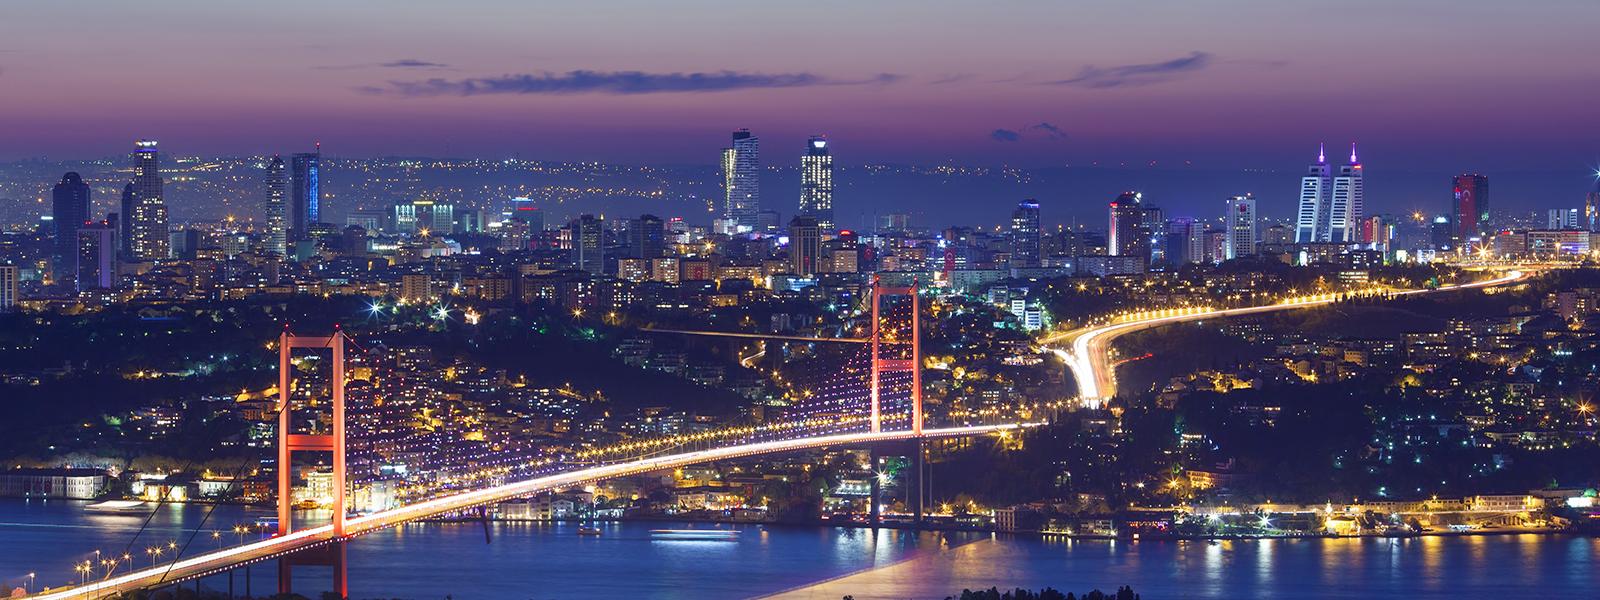 Antalya Elektrik Servisi 0536 855 2004